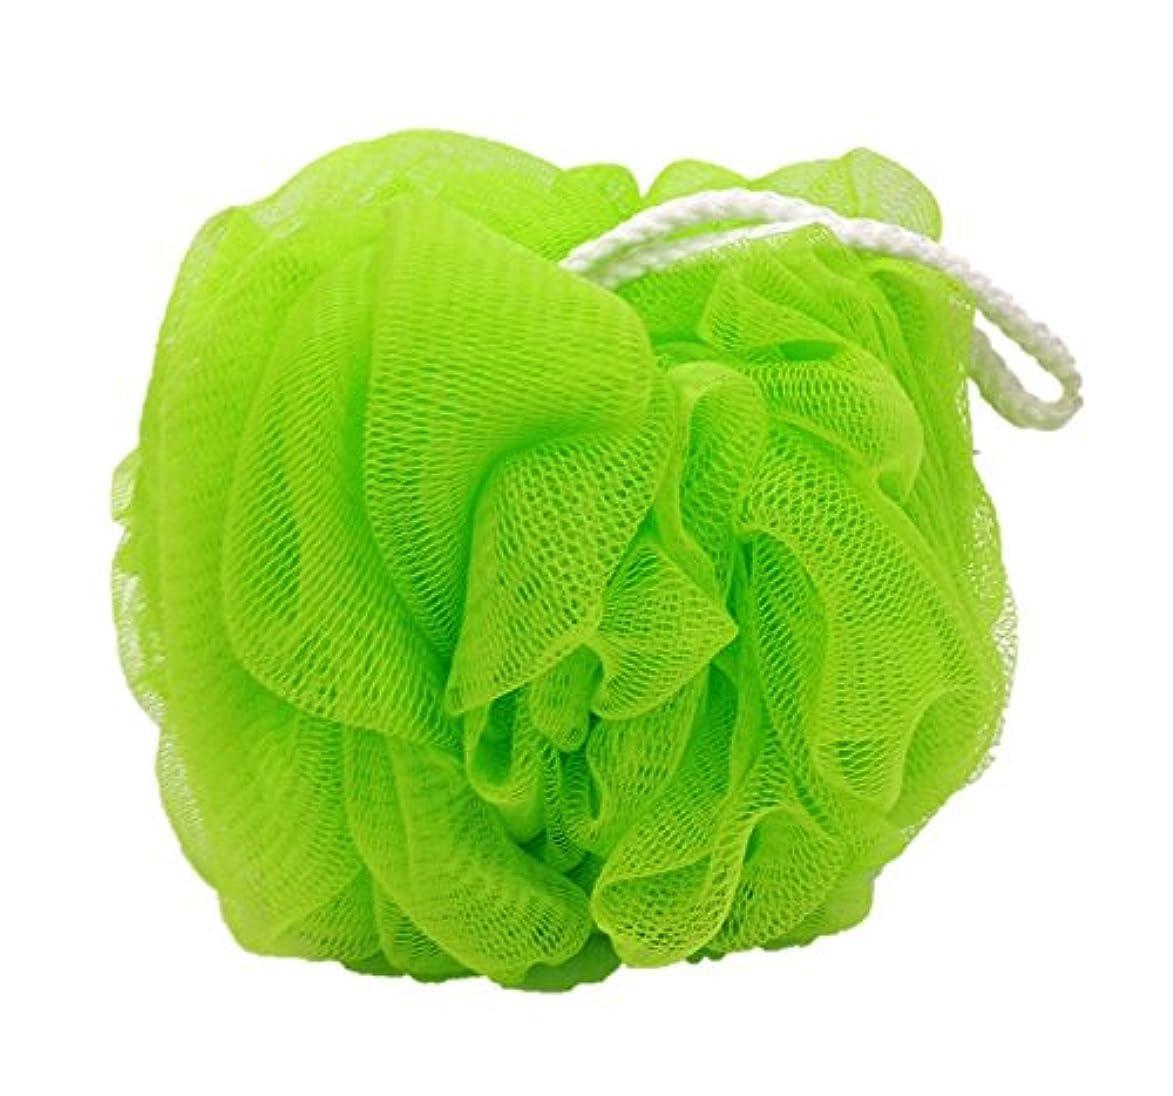 いっぱい受けるこれまでオーエ ホイッぷる ボール ふつう 泡立て ネット グリーン 約22×14×14cm もこもこ 洗える